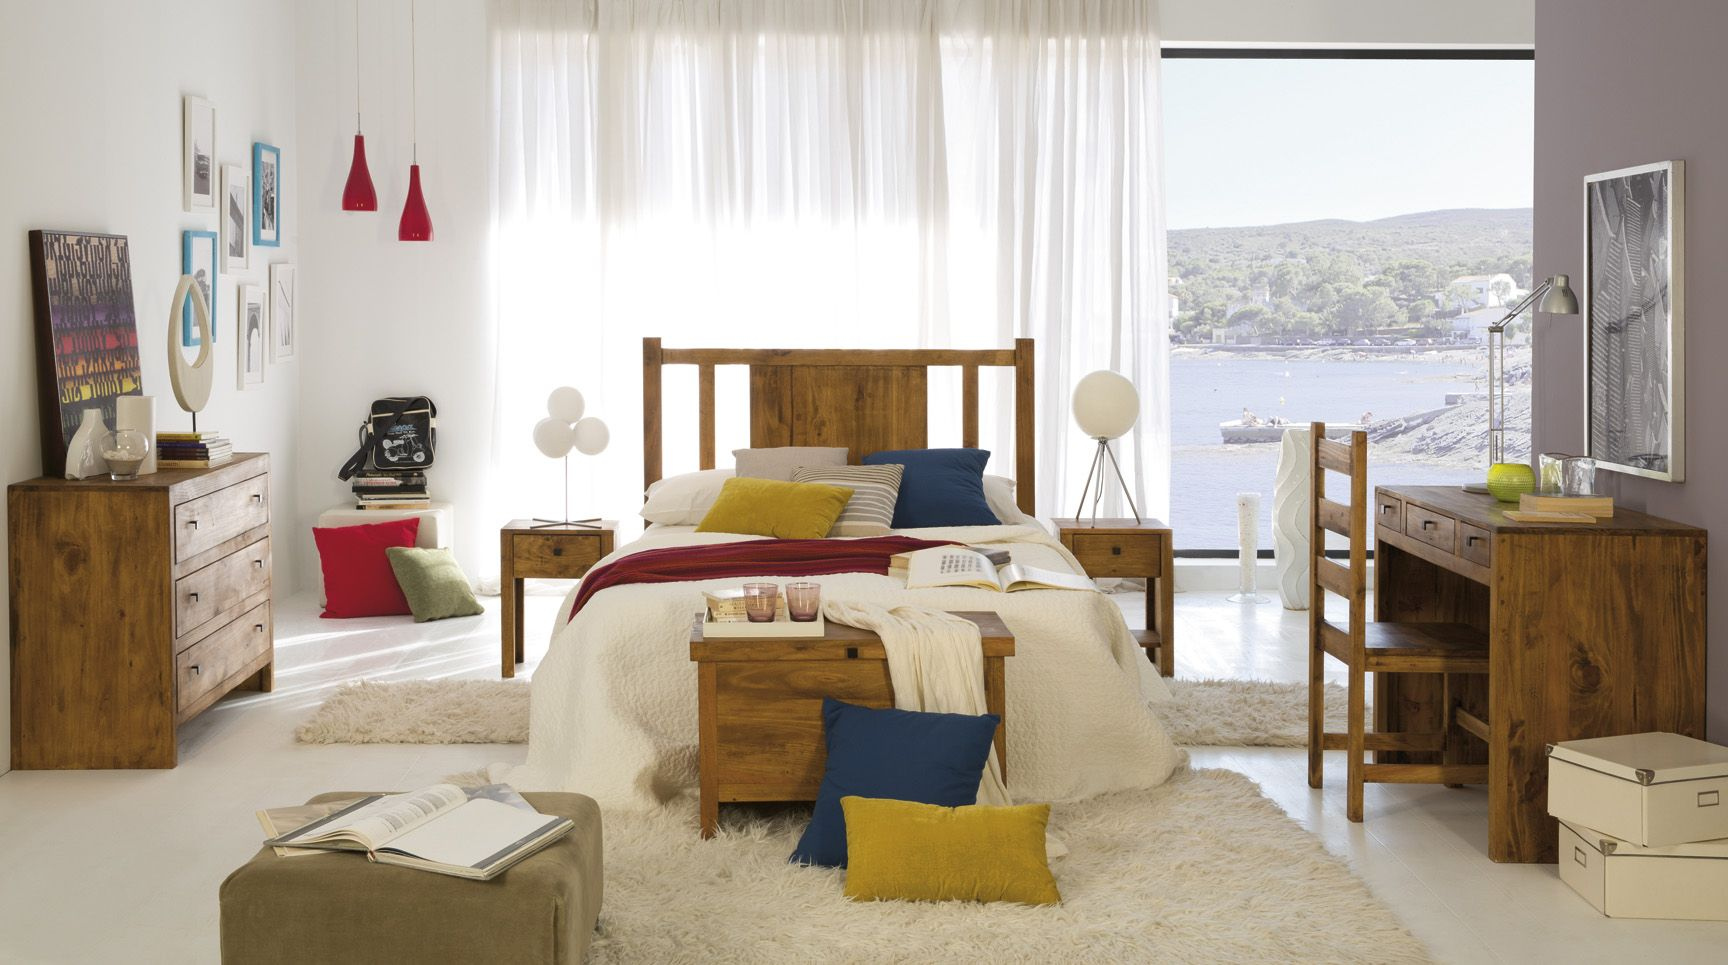 Dormitorio rustico Aldaola | MUEBLES RUSTICOS | Pinterest | Muebles ...